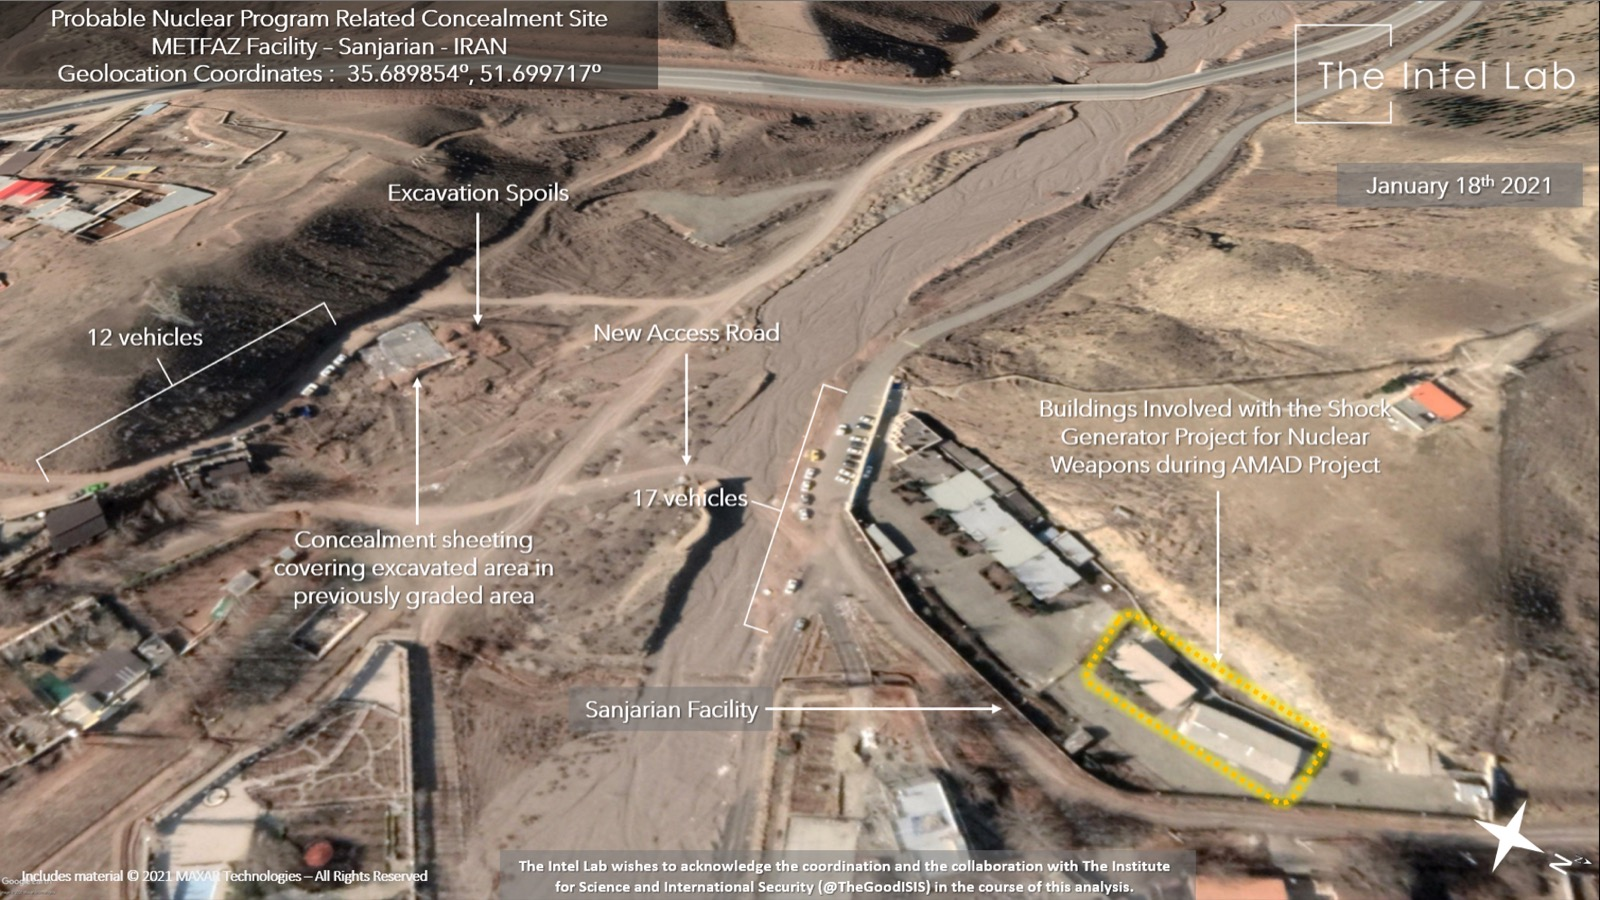 صور أقمار صناعية جديدة تظهر نشاطا غير عادي في موقع سانجاريان الإيراني النووي